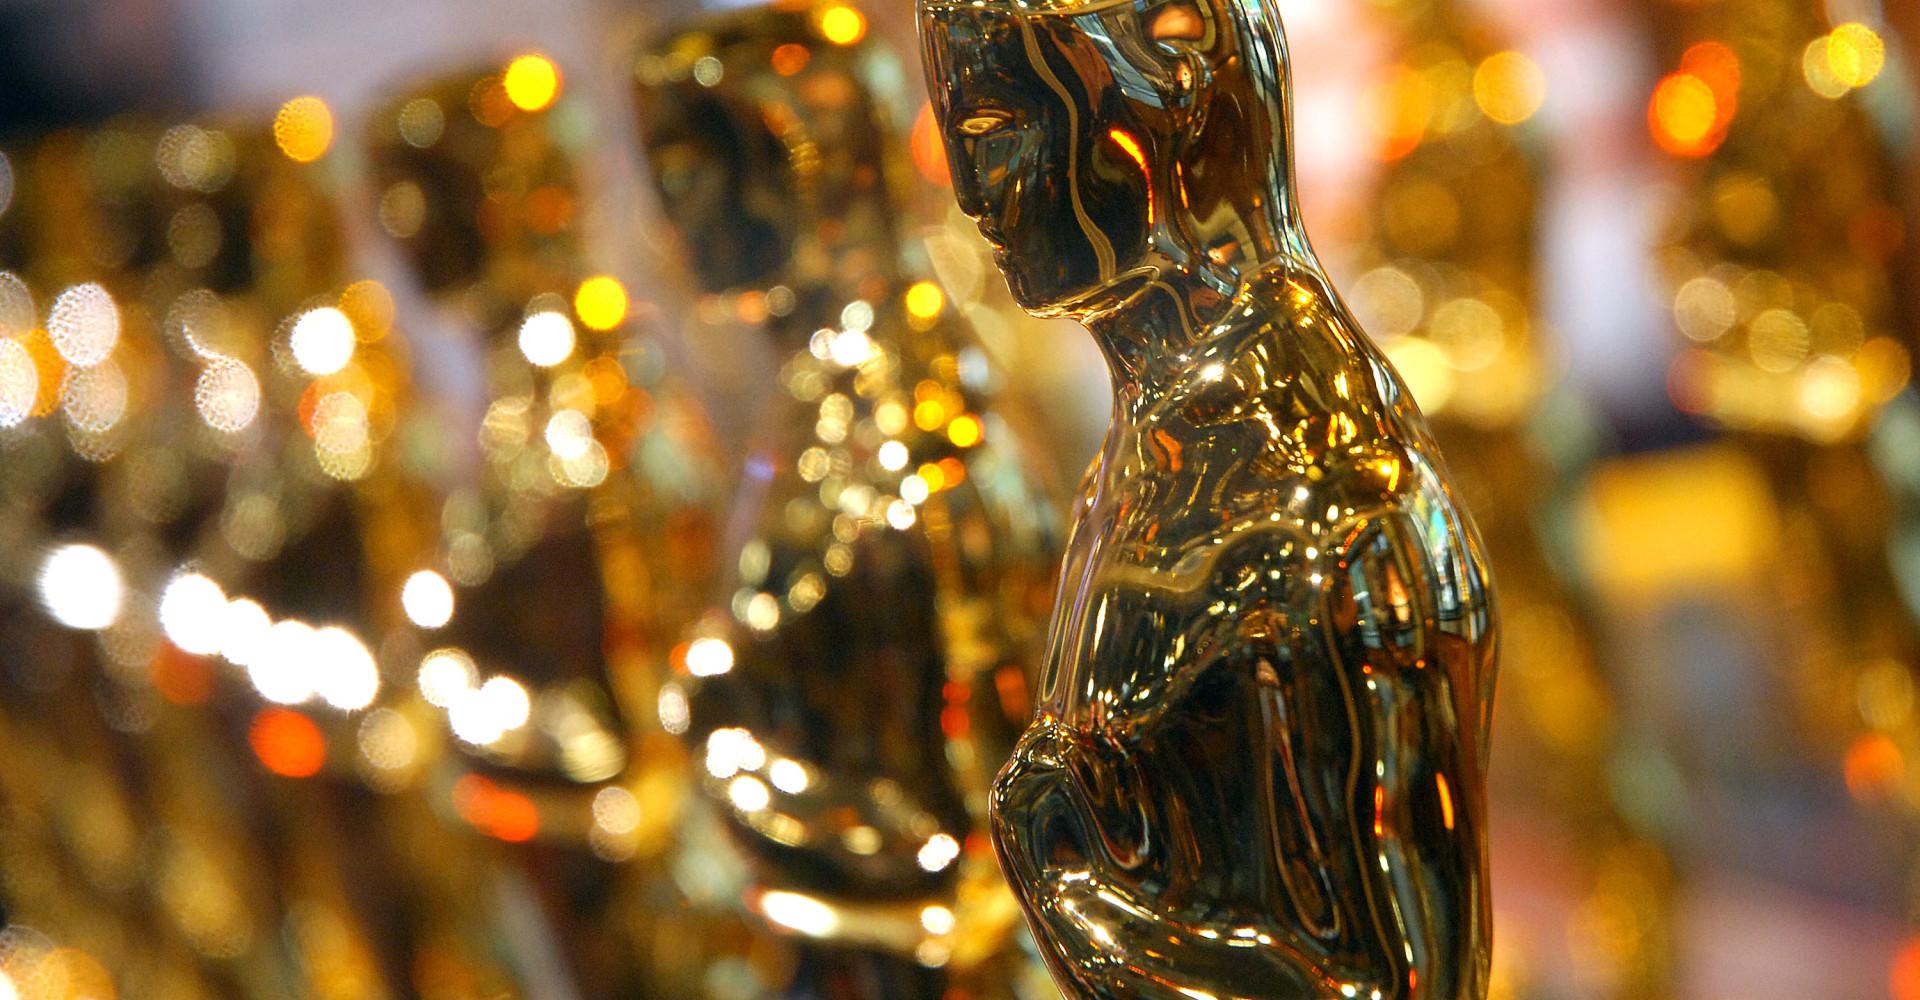 2019년 오스카 시상식을 기다리는 영화들